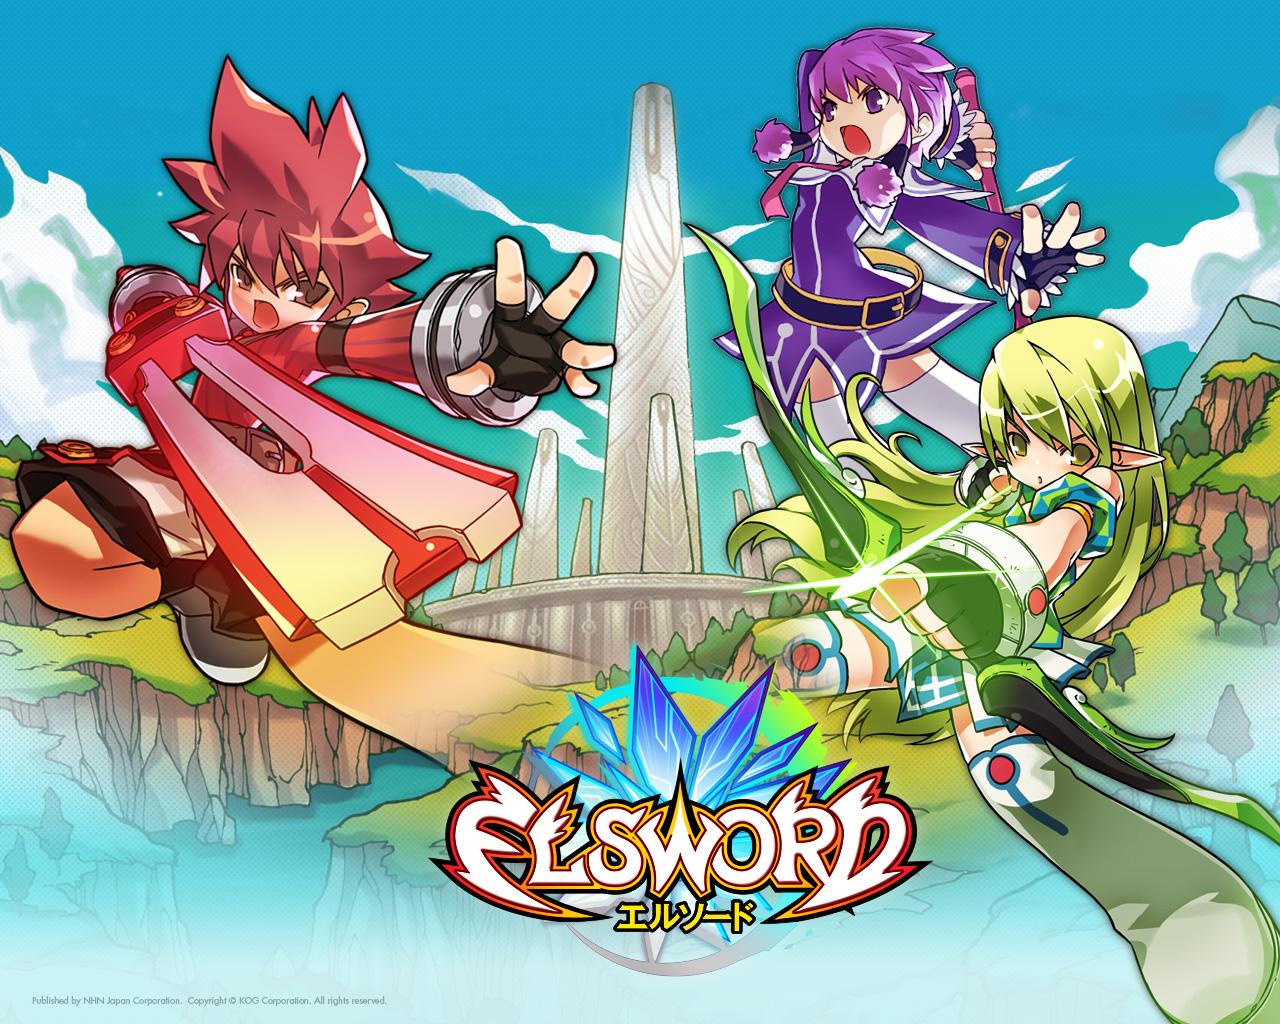 Loạt hình nền cực dễ thương của Elsword Nhật Bản - Ảnh 3